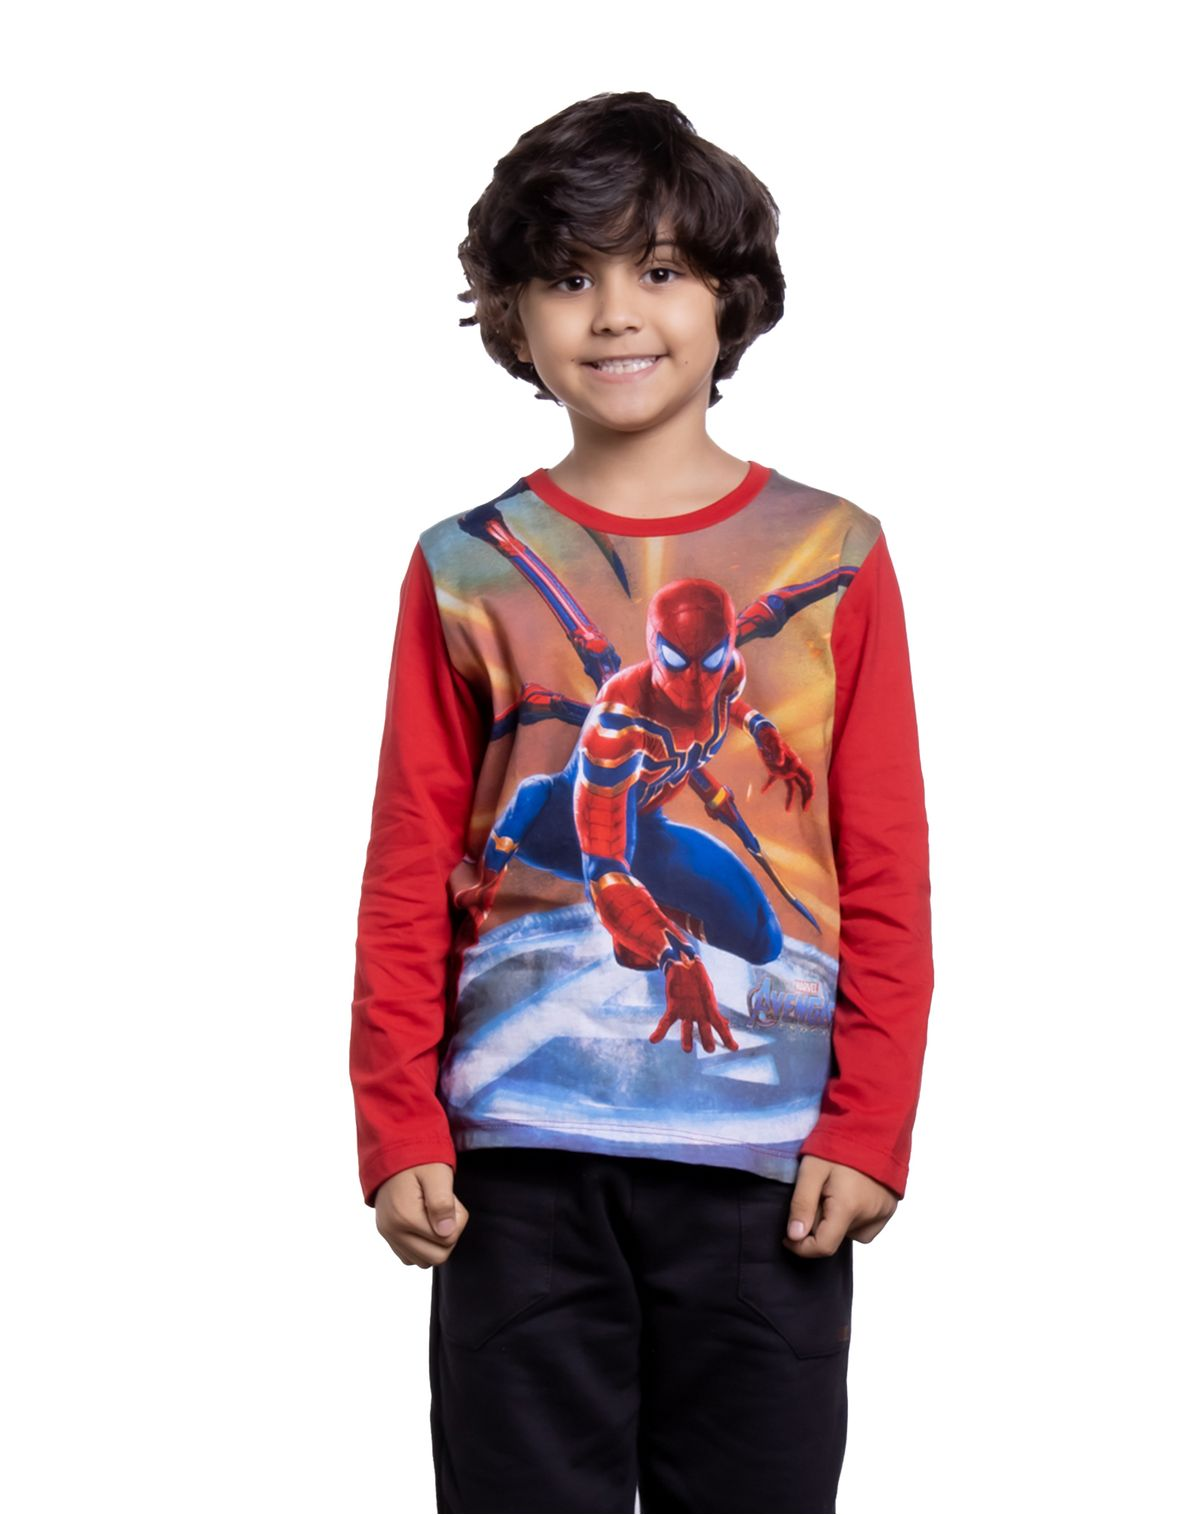 552165002-camiseta-manga-longa-infantil-menino-homem-aranha-vermelho-6-c8f